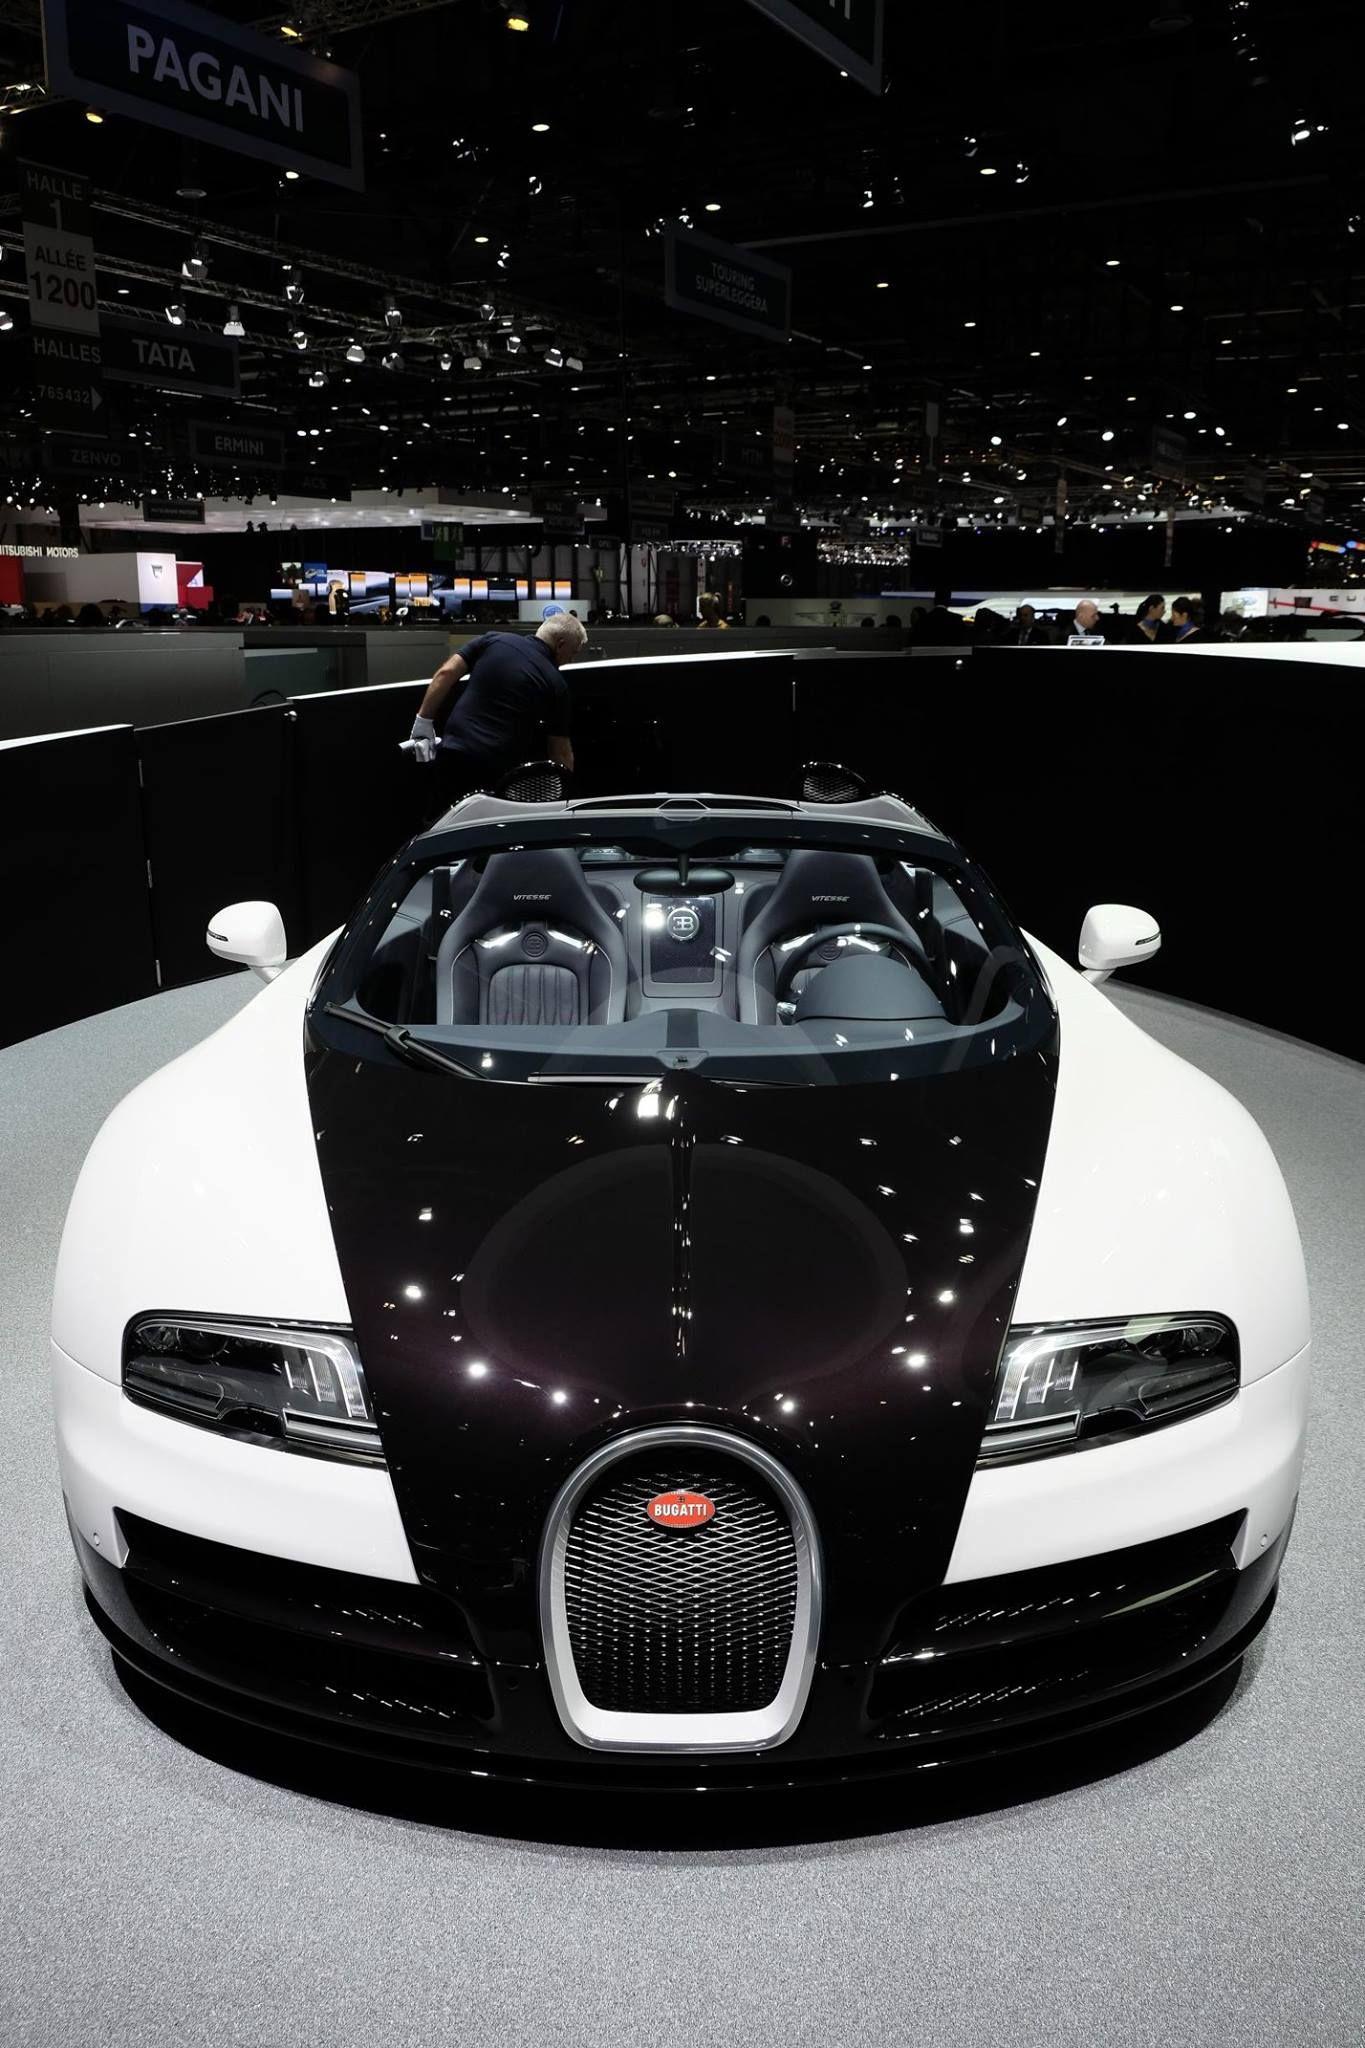 Eish Bugatti Veyron Cars Bugatti Veyron Bugatti Veyron Bugatti Cars